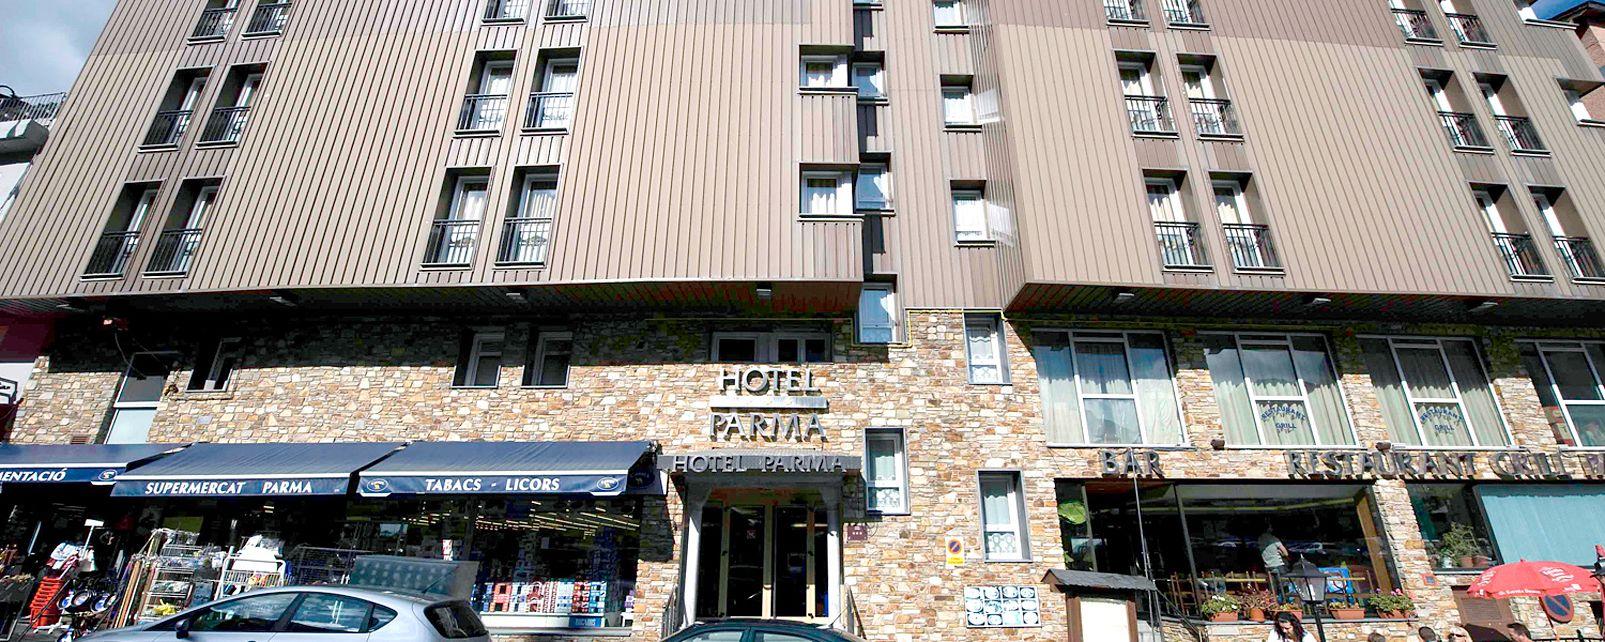 Hotel Parma